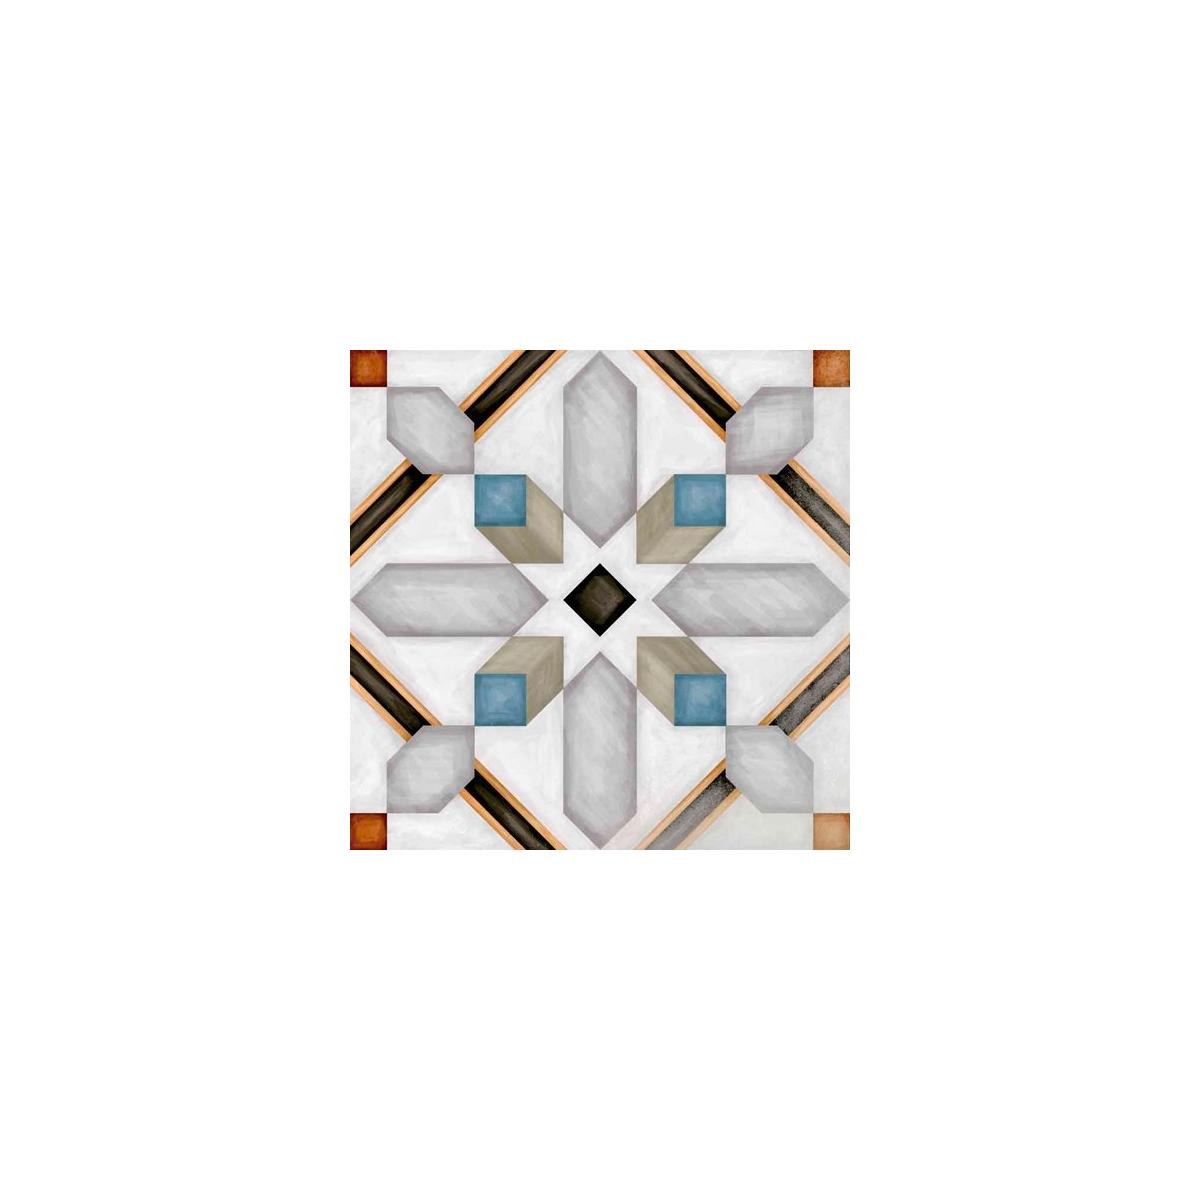 Demel Multicolor 20x20 (m2) - Pavimento hidráulico Porcelánico antihielo